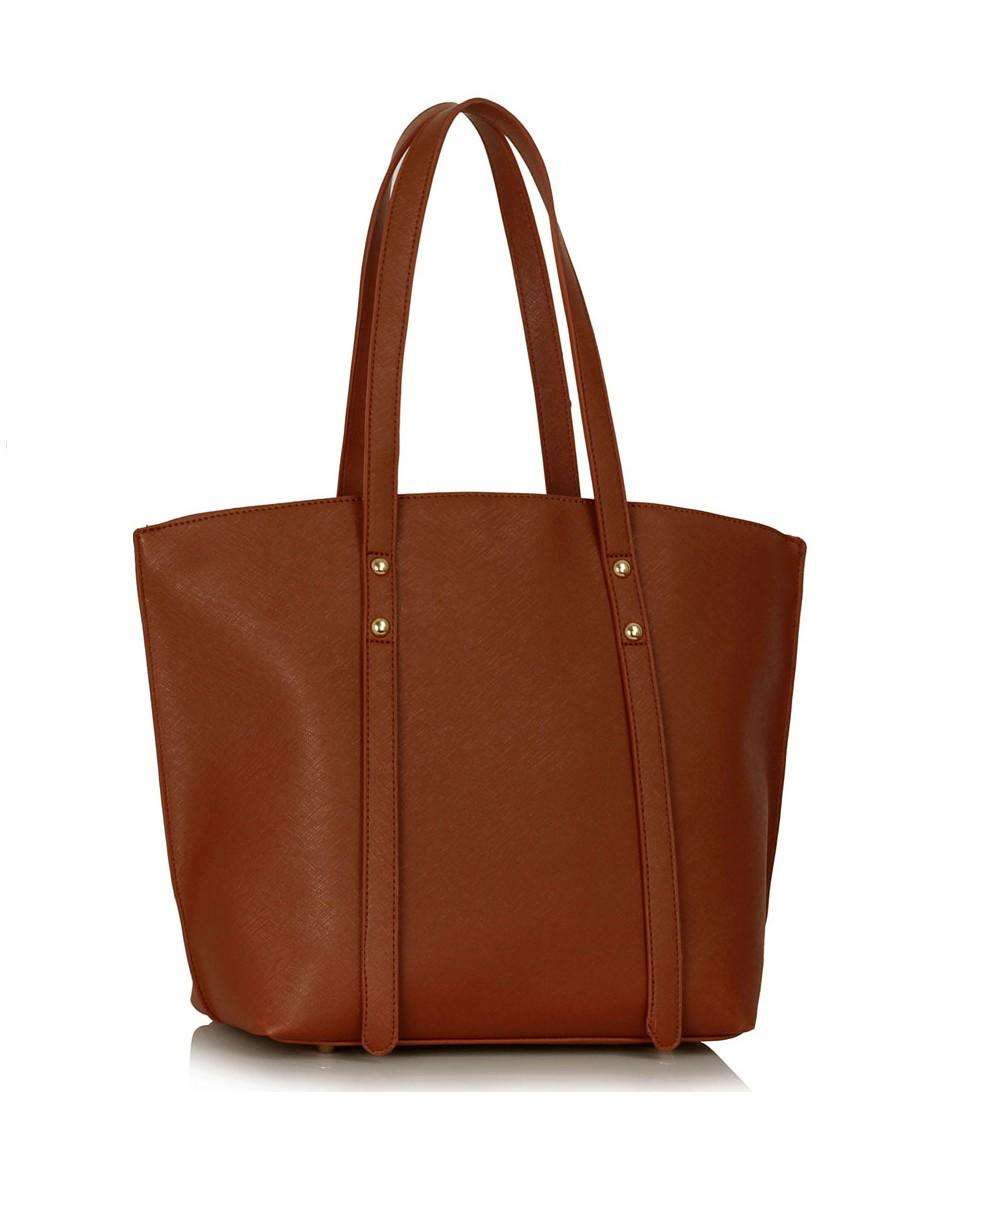 Hnědá stylová kabelka Carmel